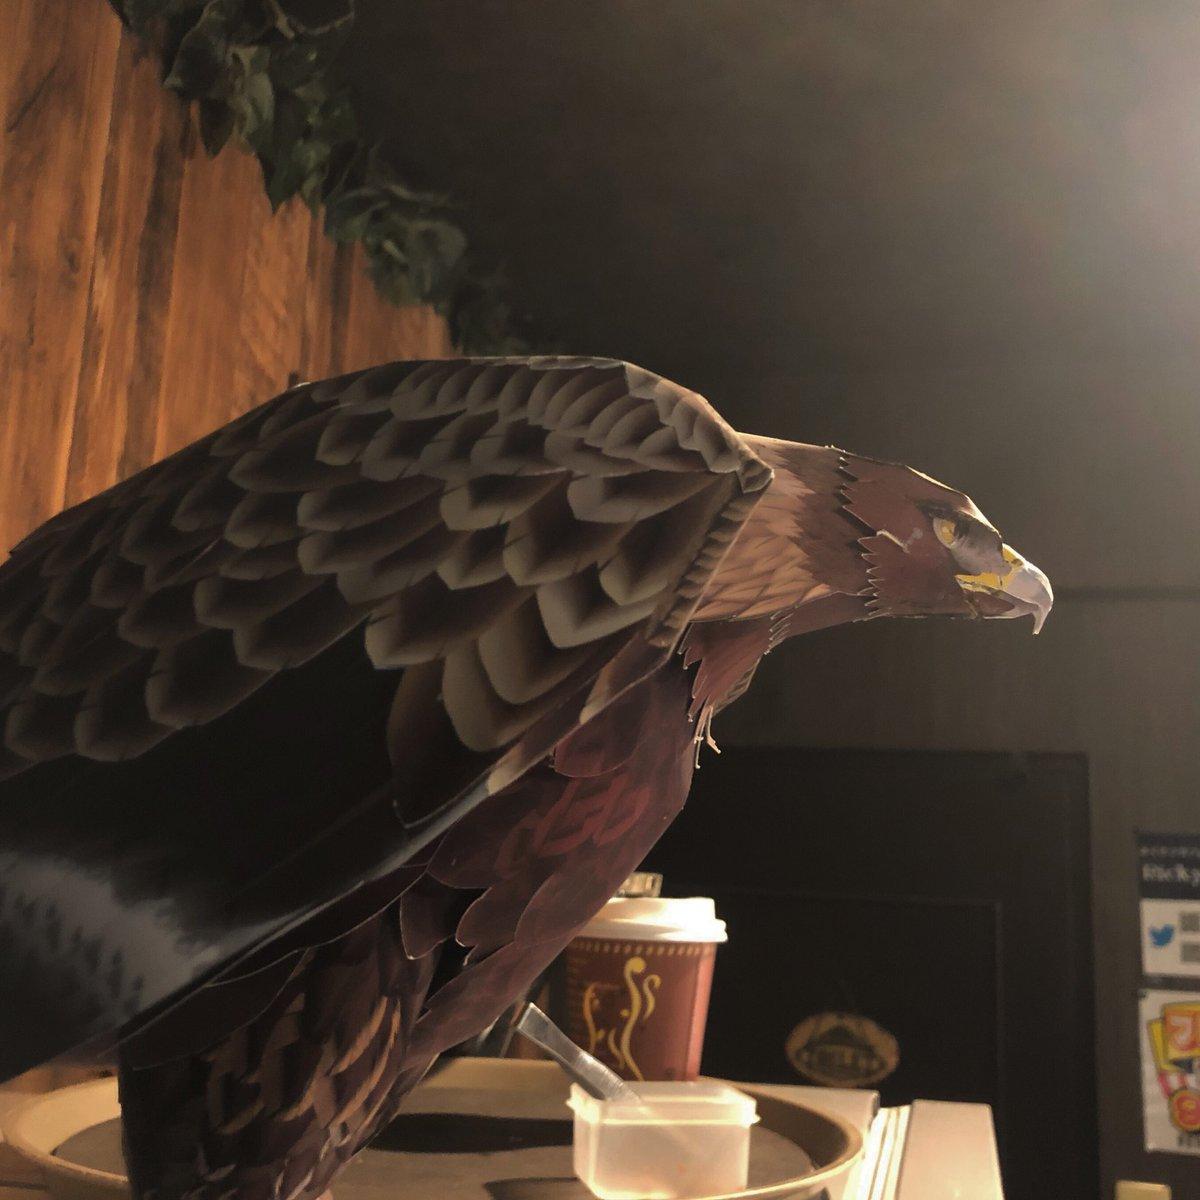 小翼羽を意識して翼を作り直しましたが、もう少し小翼羽を大きく目立たせた方が「らしく」なりそうですね。  #papercraft #goldeneagle #イヌワシ #ペーパークラフト #令和 #令和元年 #ふくろうカフェricky仙台店